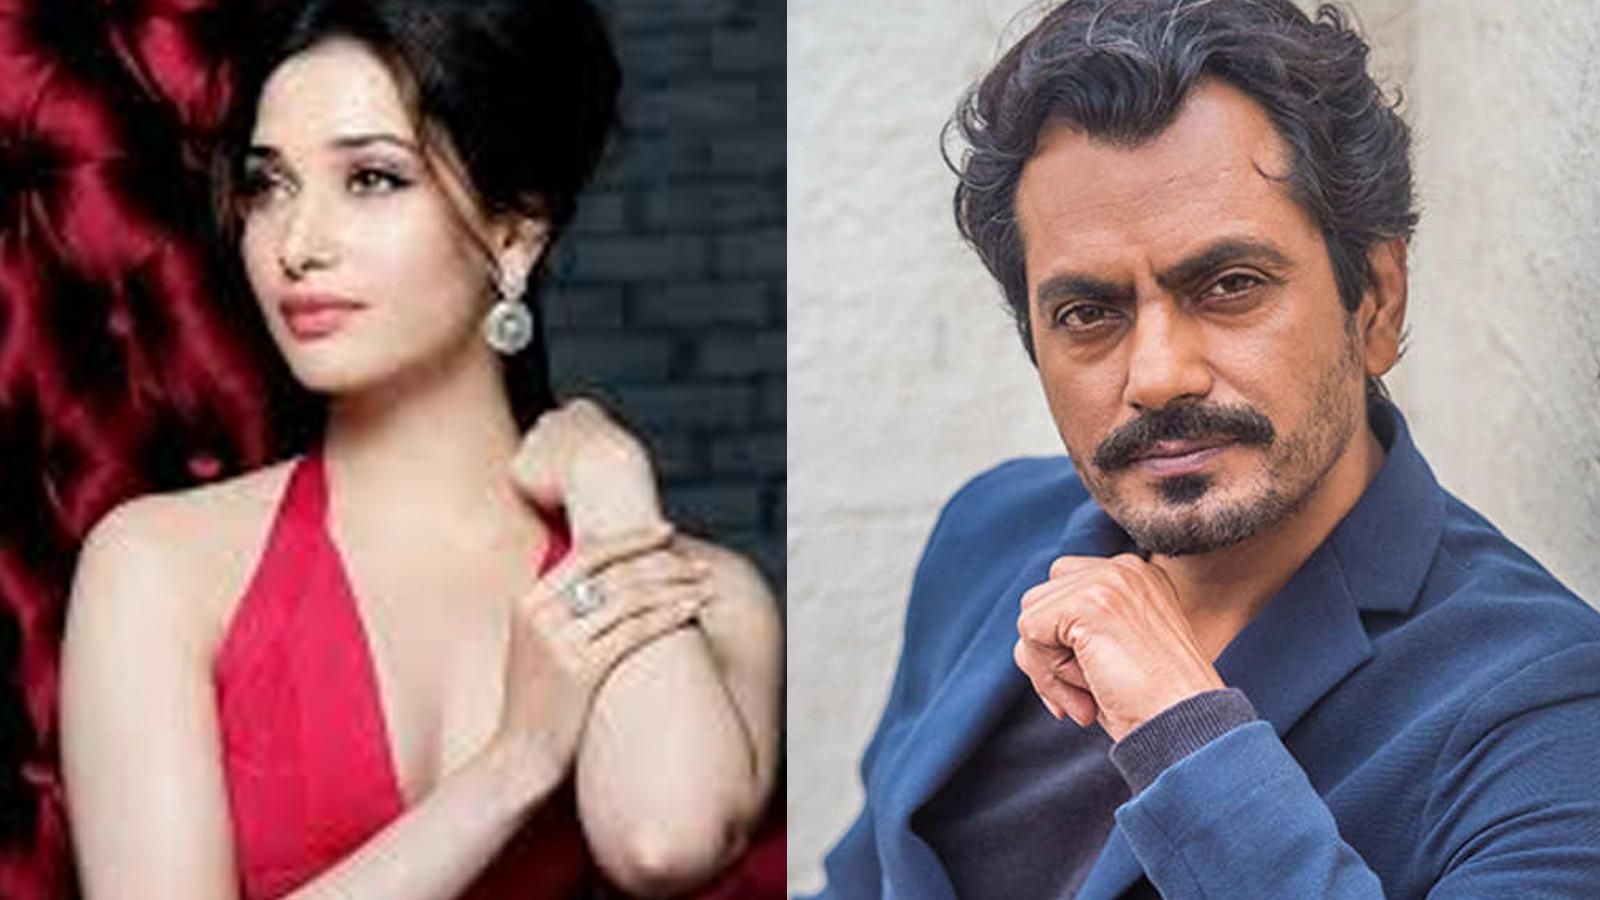 Tamannaah Bhatia to share screen with Nawazuddin Siddiqui in 'Bole Chudiyan'